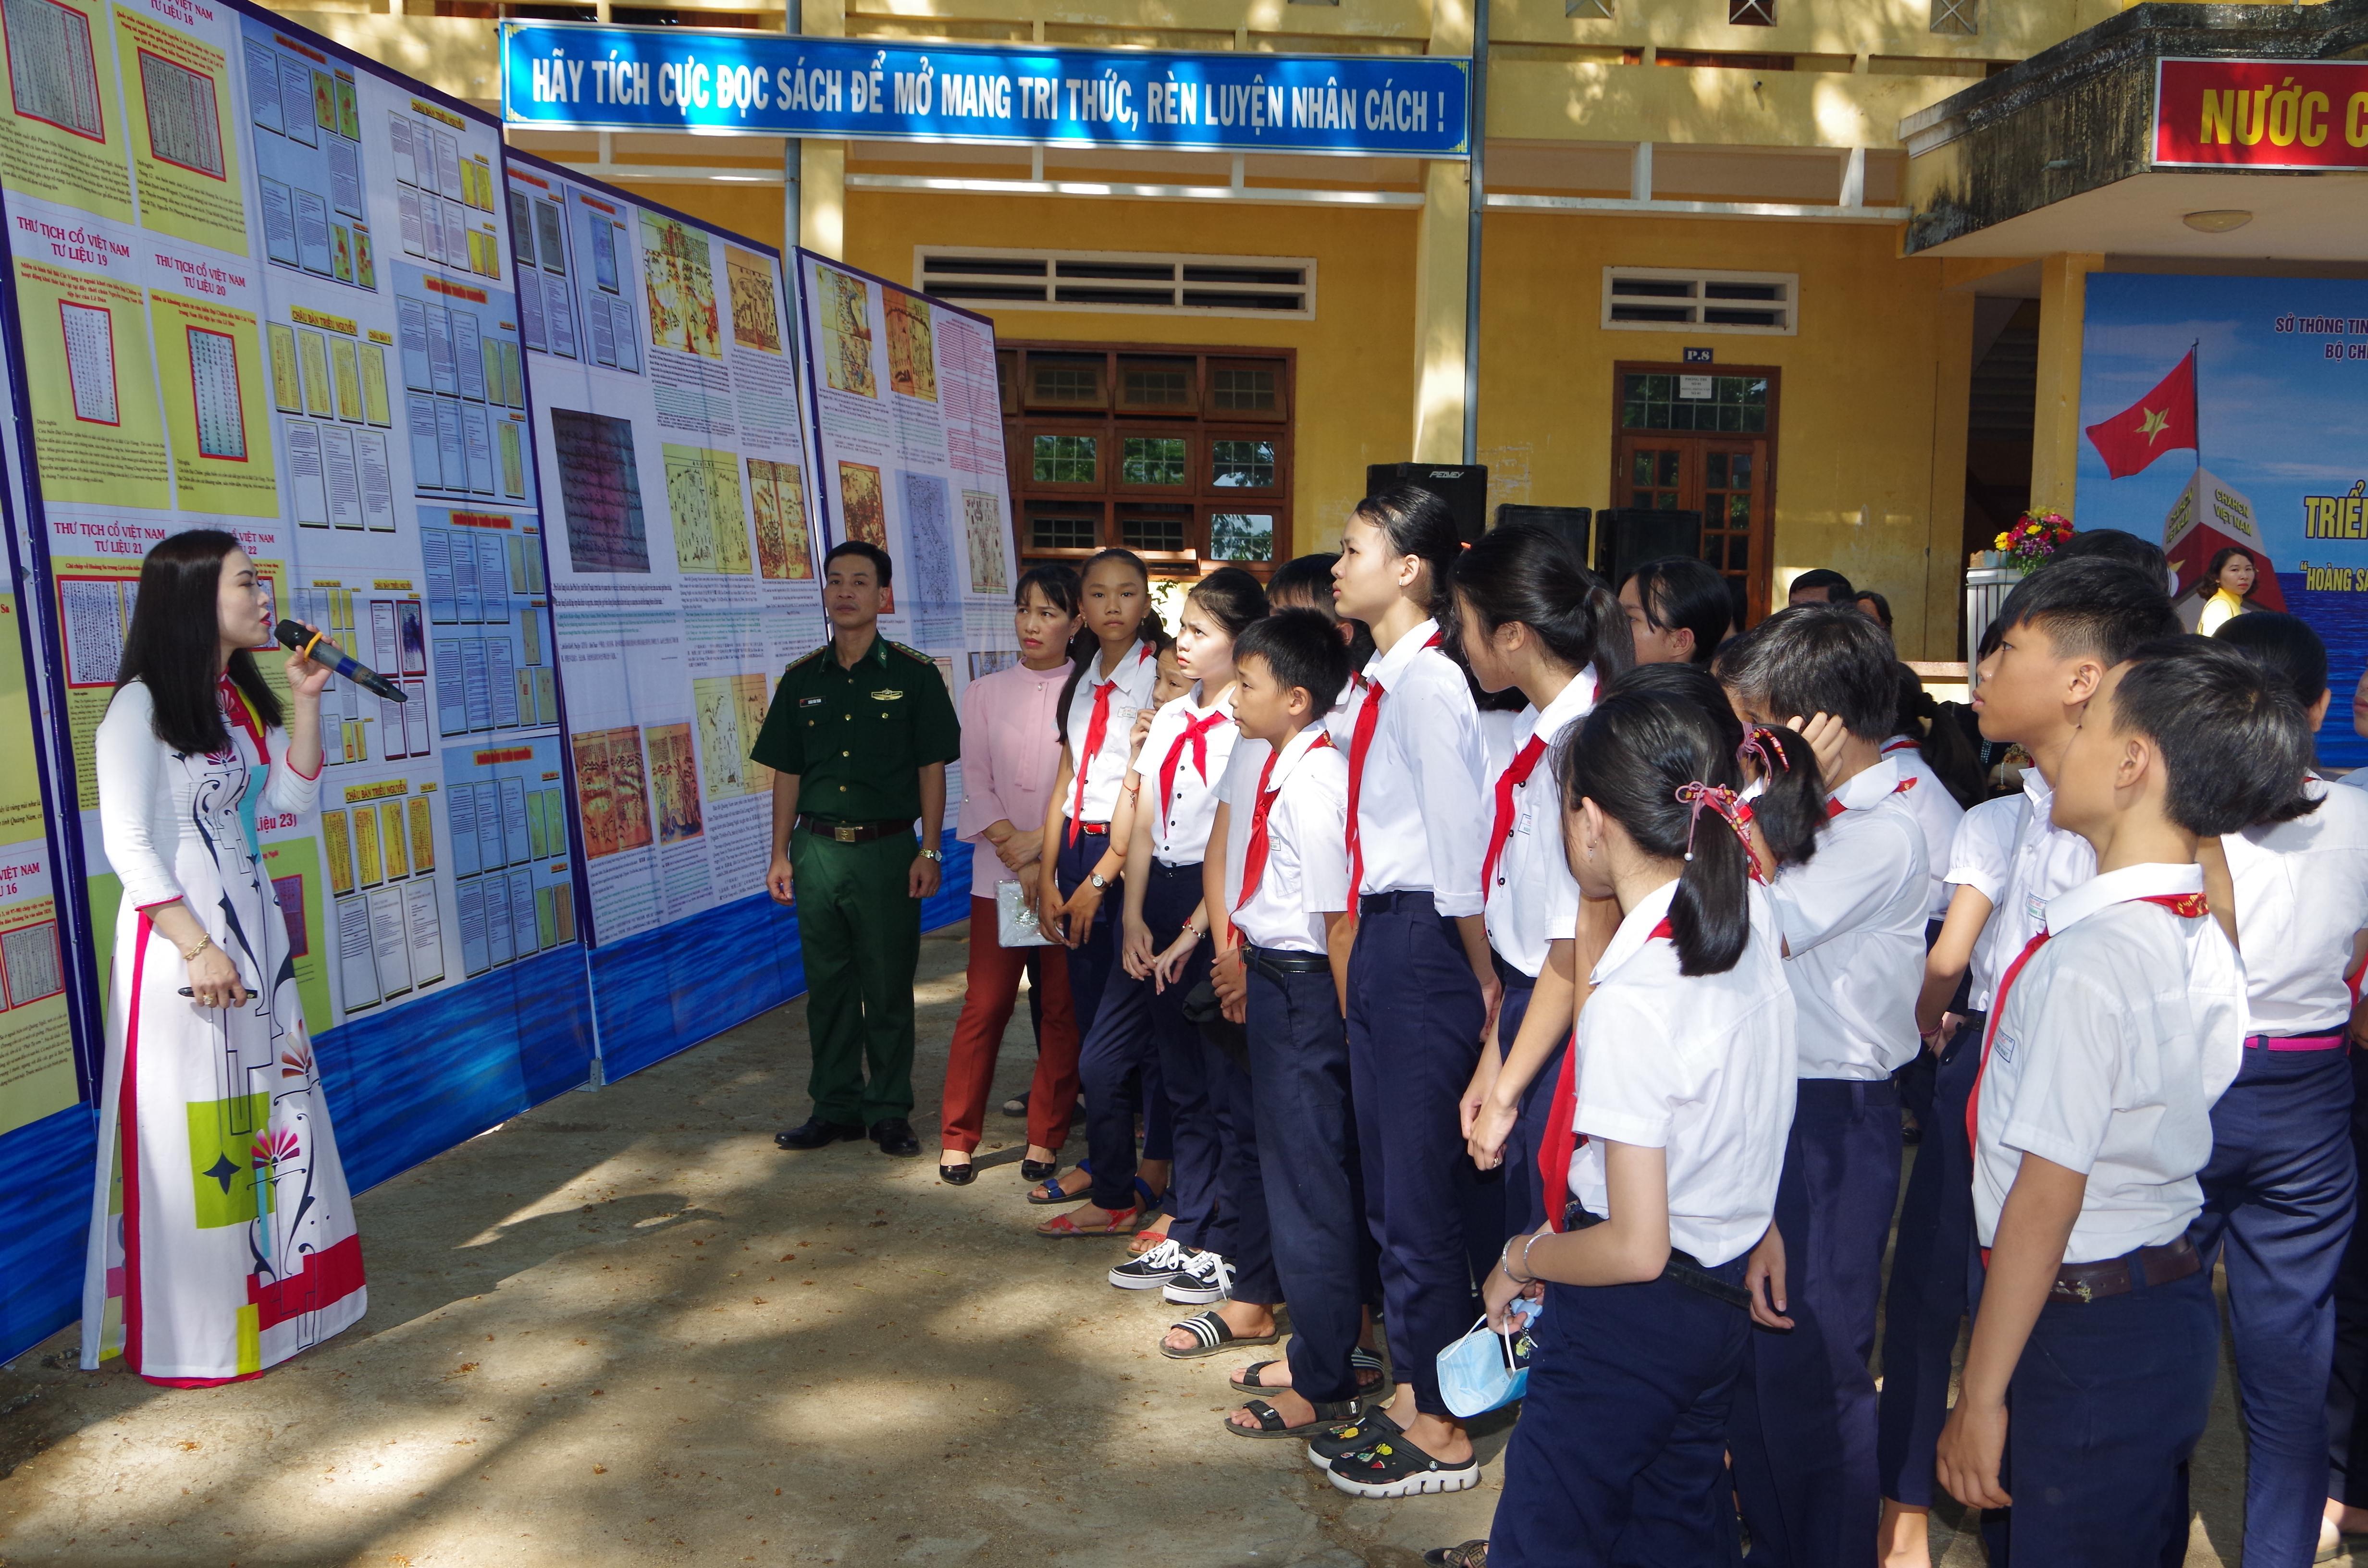 Bình Định: Triển lãm bản đồ và trưng bày tư liệu về chủ quyền Hoàng Sa, Trường Sa